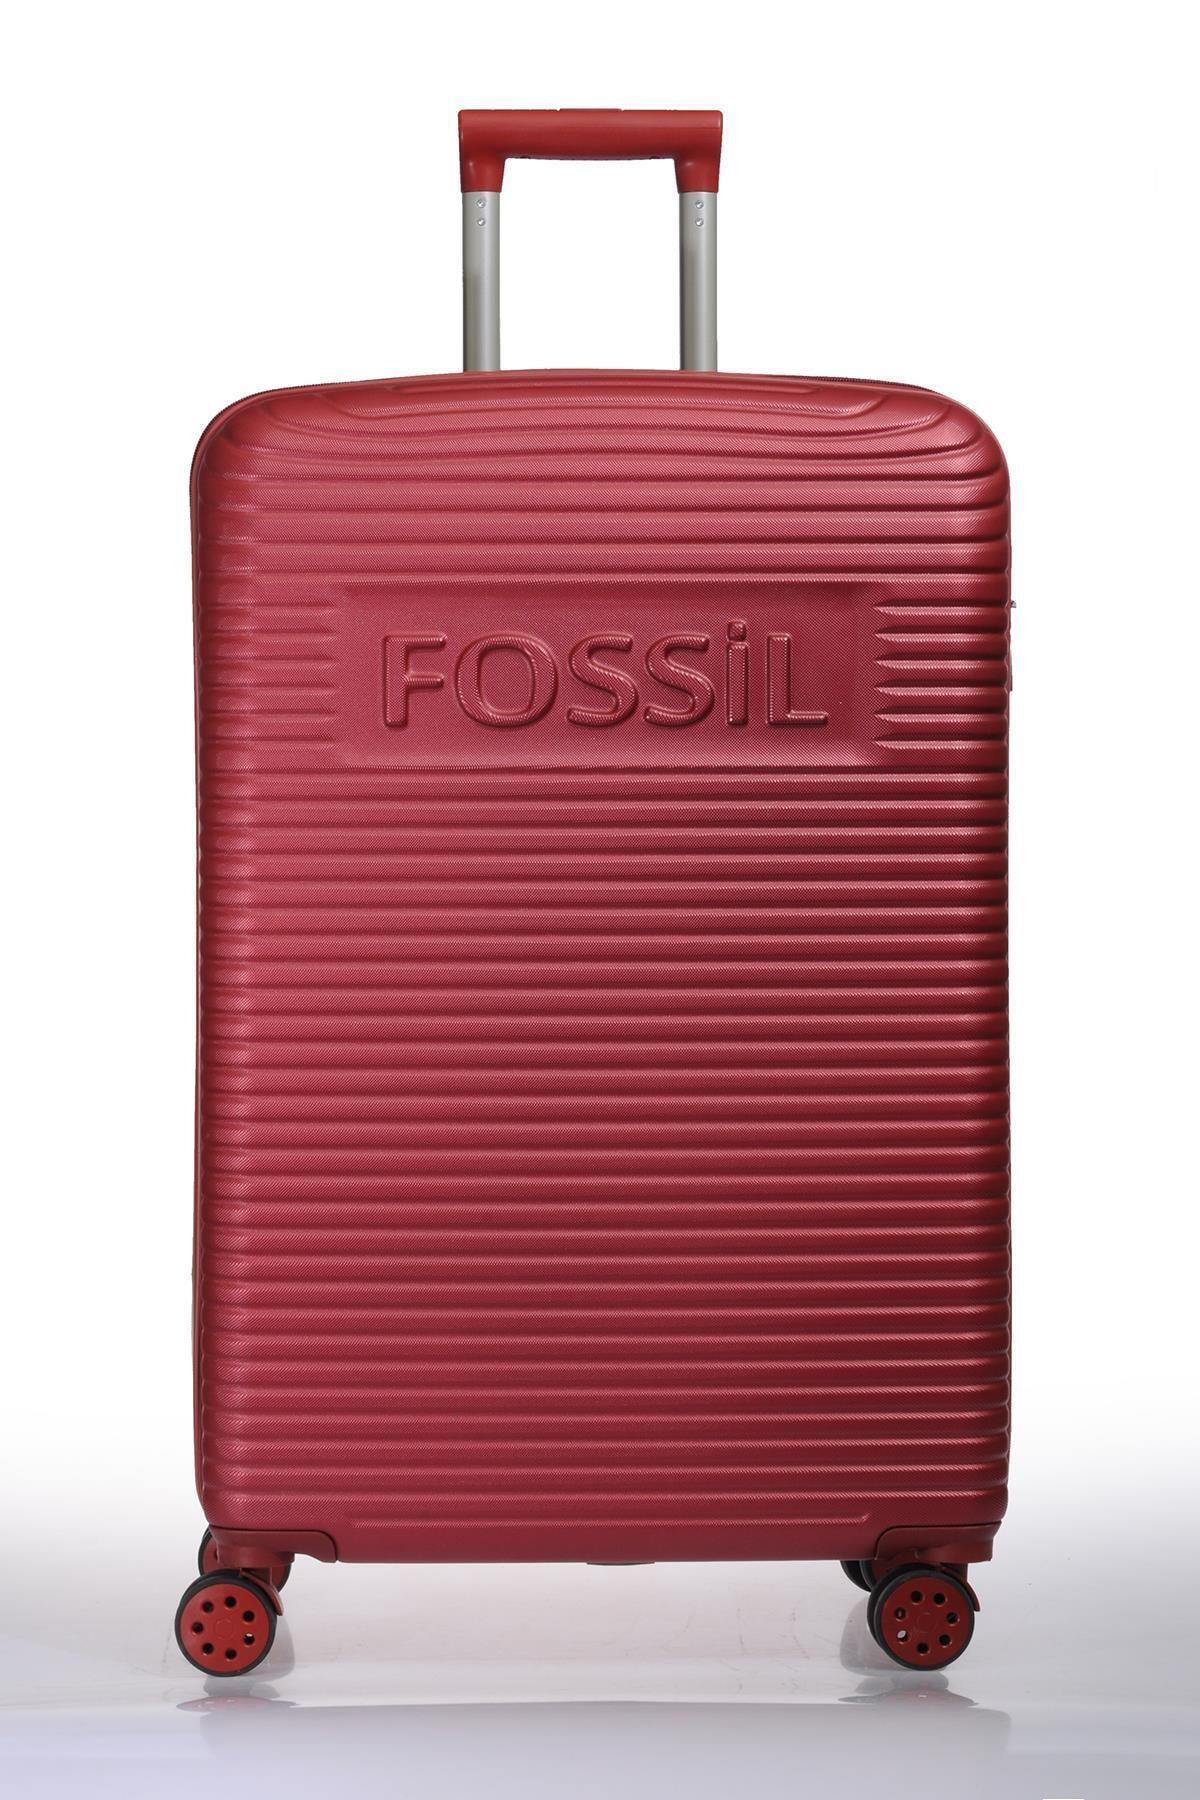 Fossil Fsy1129-l Kırmızı Unısex Büyük Boy Valiz 1